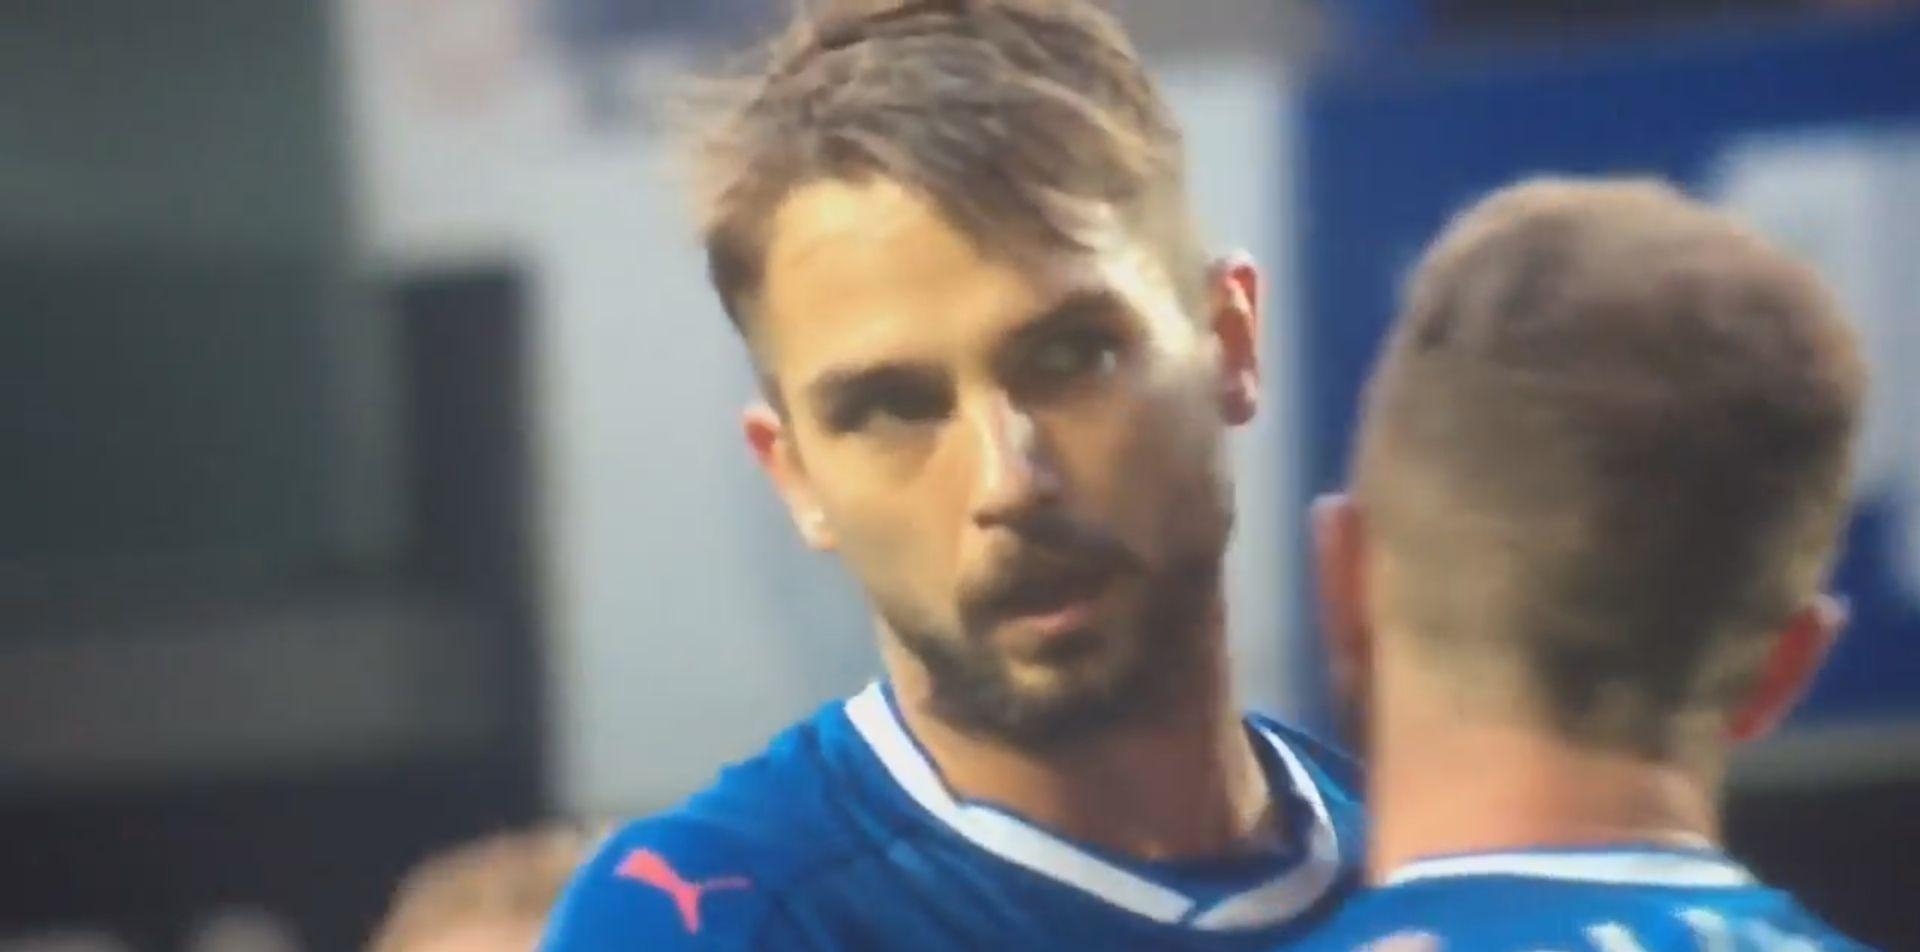 VIDEO: Kranjčar postigao prvi gol u dresu Rangersa, navijači oduševljeni